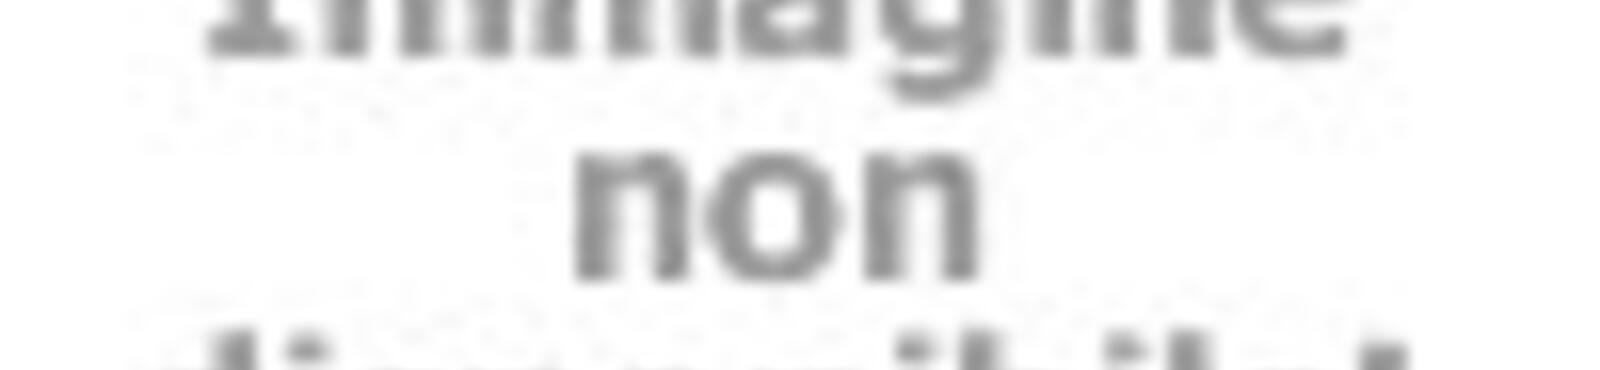 petronianaviaggi it bologna-e-san-domenico-visita-alla-basilica-e-al-convento-v364 002